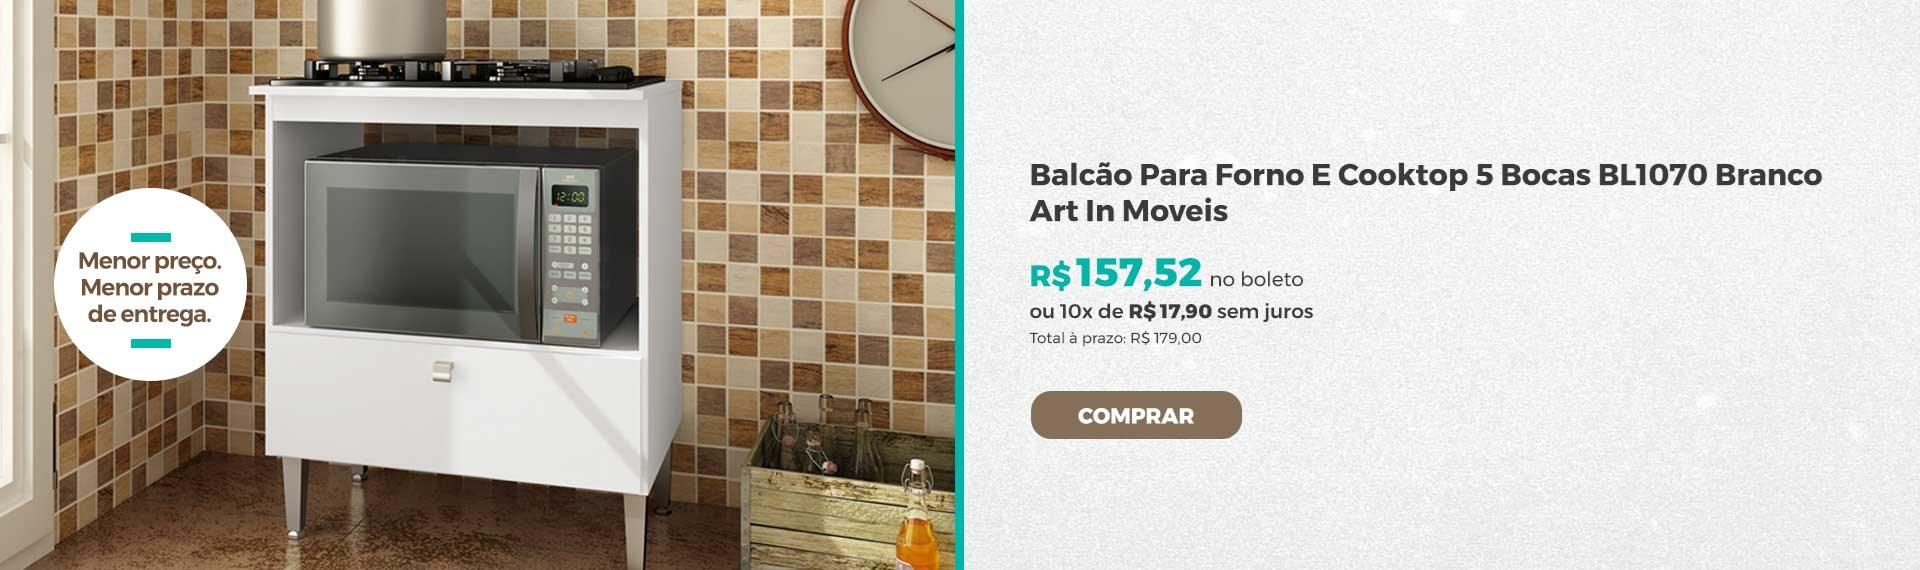 Balcao Para Forno E Cooktop 5 Bocas BL1070 Branco Art In Moveis